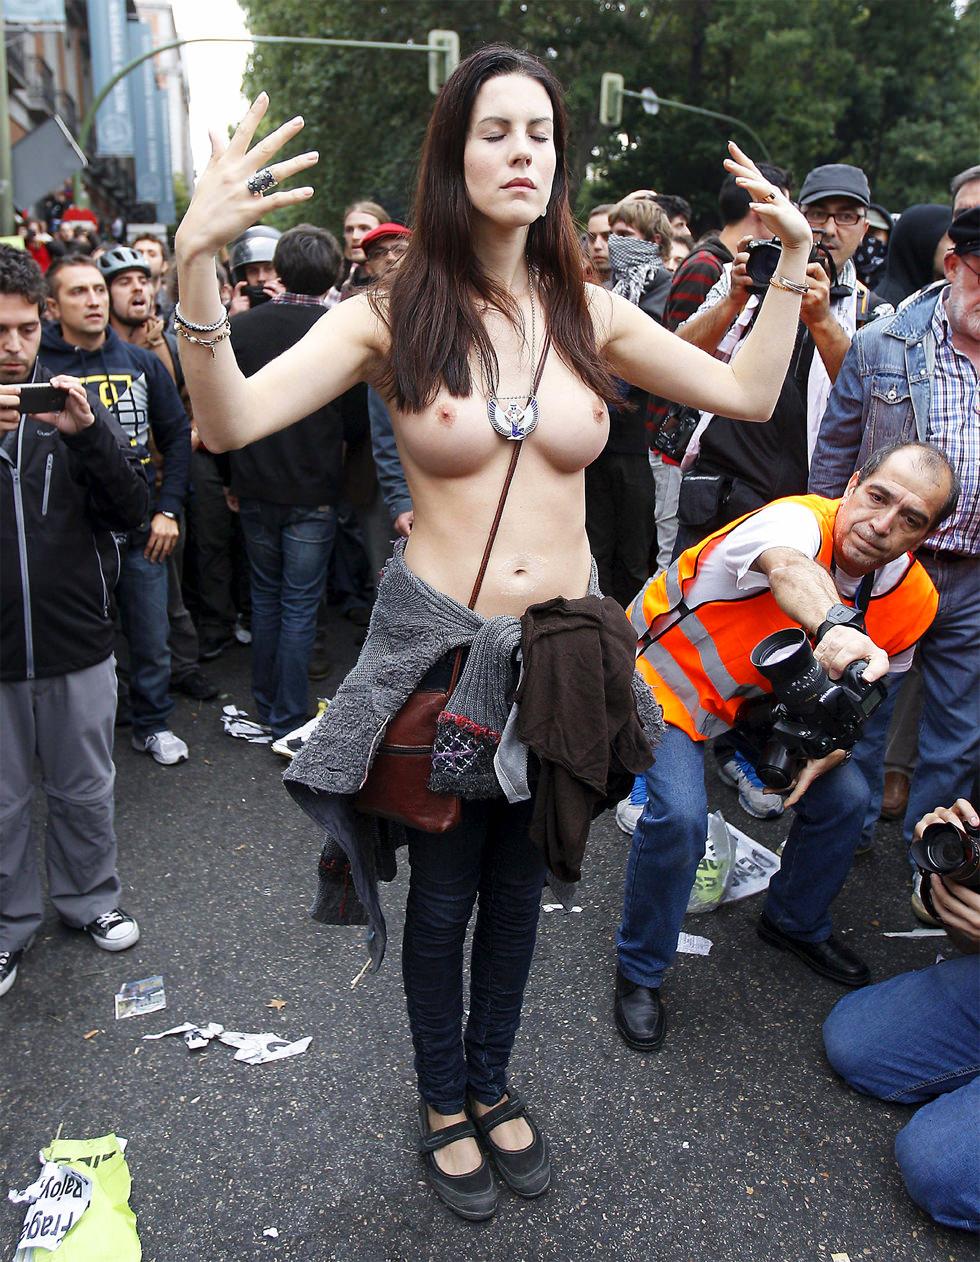 La sensual manifestante del #25s